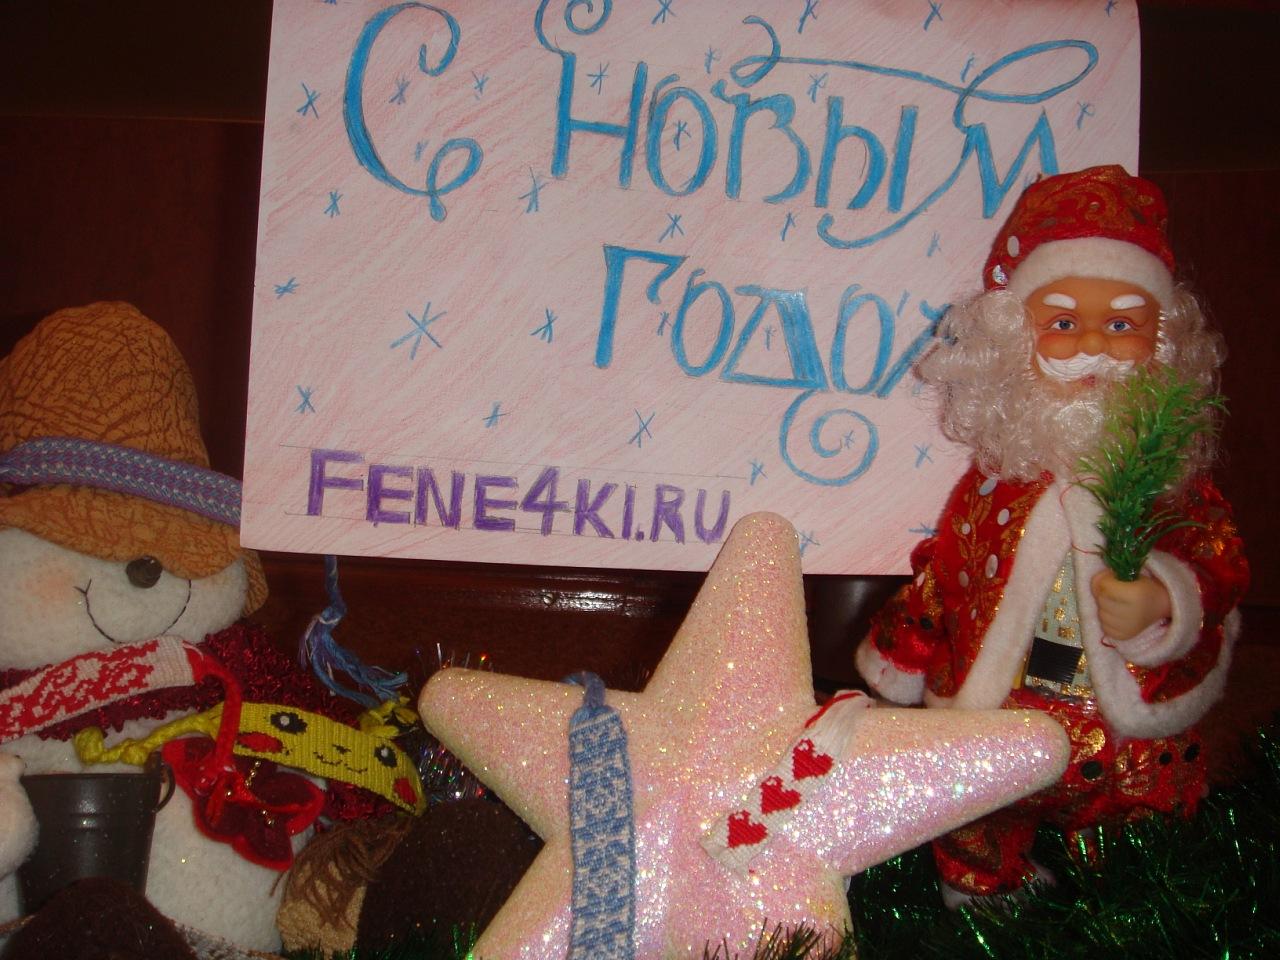 http://fene4ki.ru/7.jpg